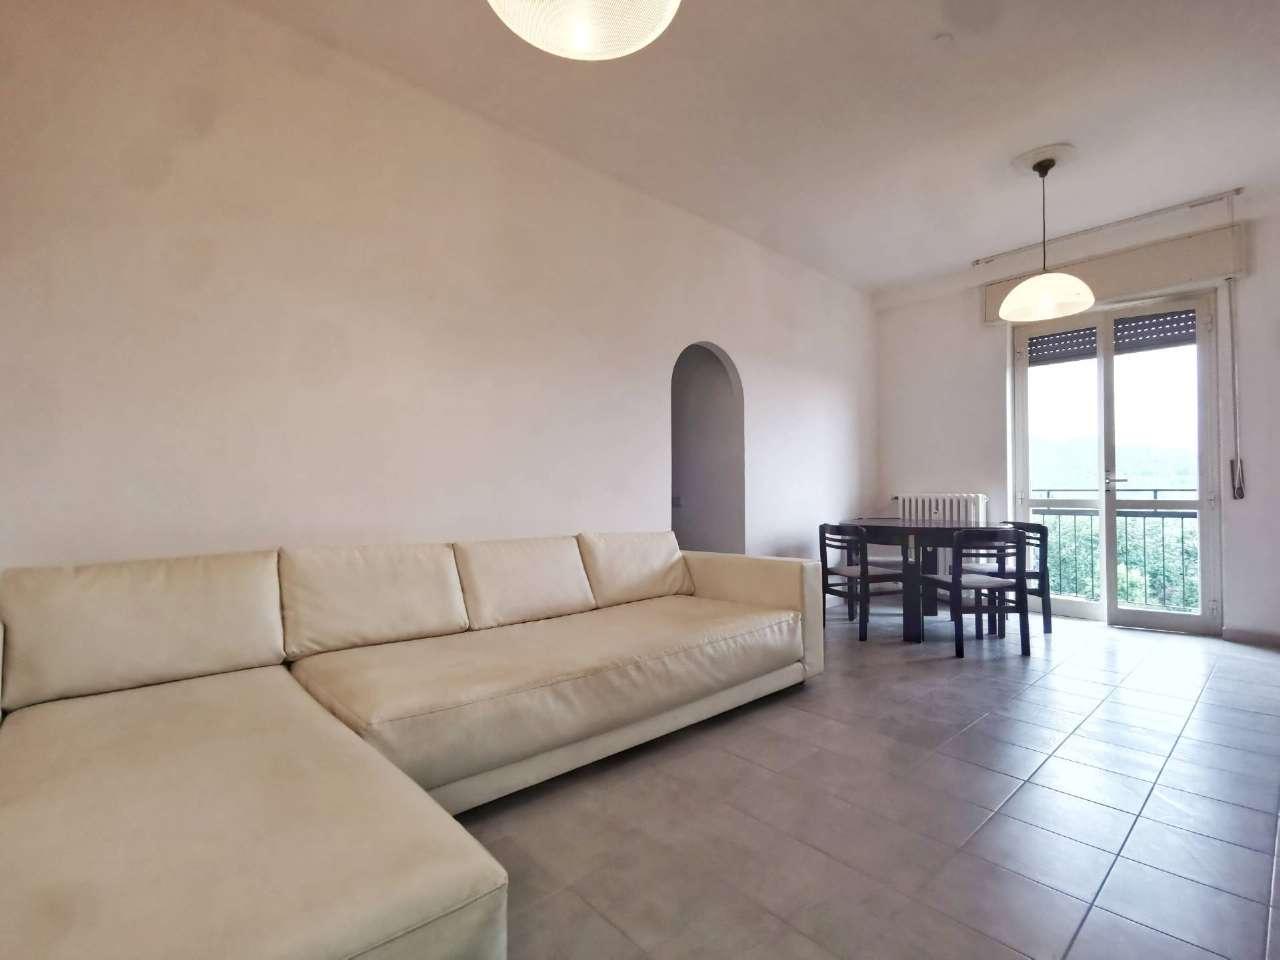 Appartamento in affitto a Mozzo, 3 locali, prezzo € 700 | PortaleAgenzieImmobiliari.it